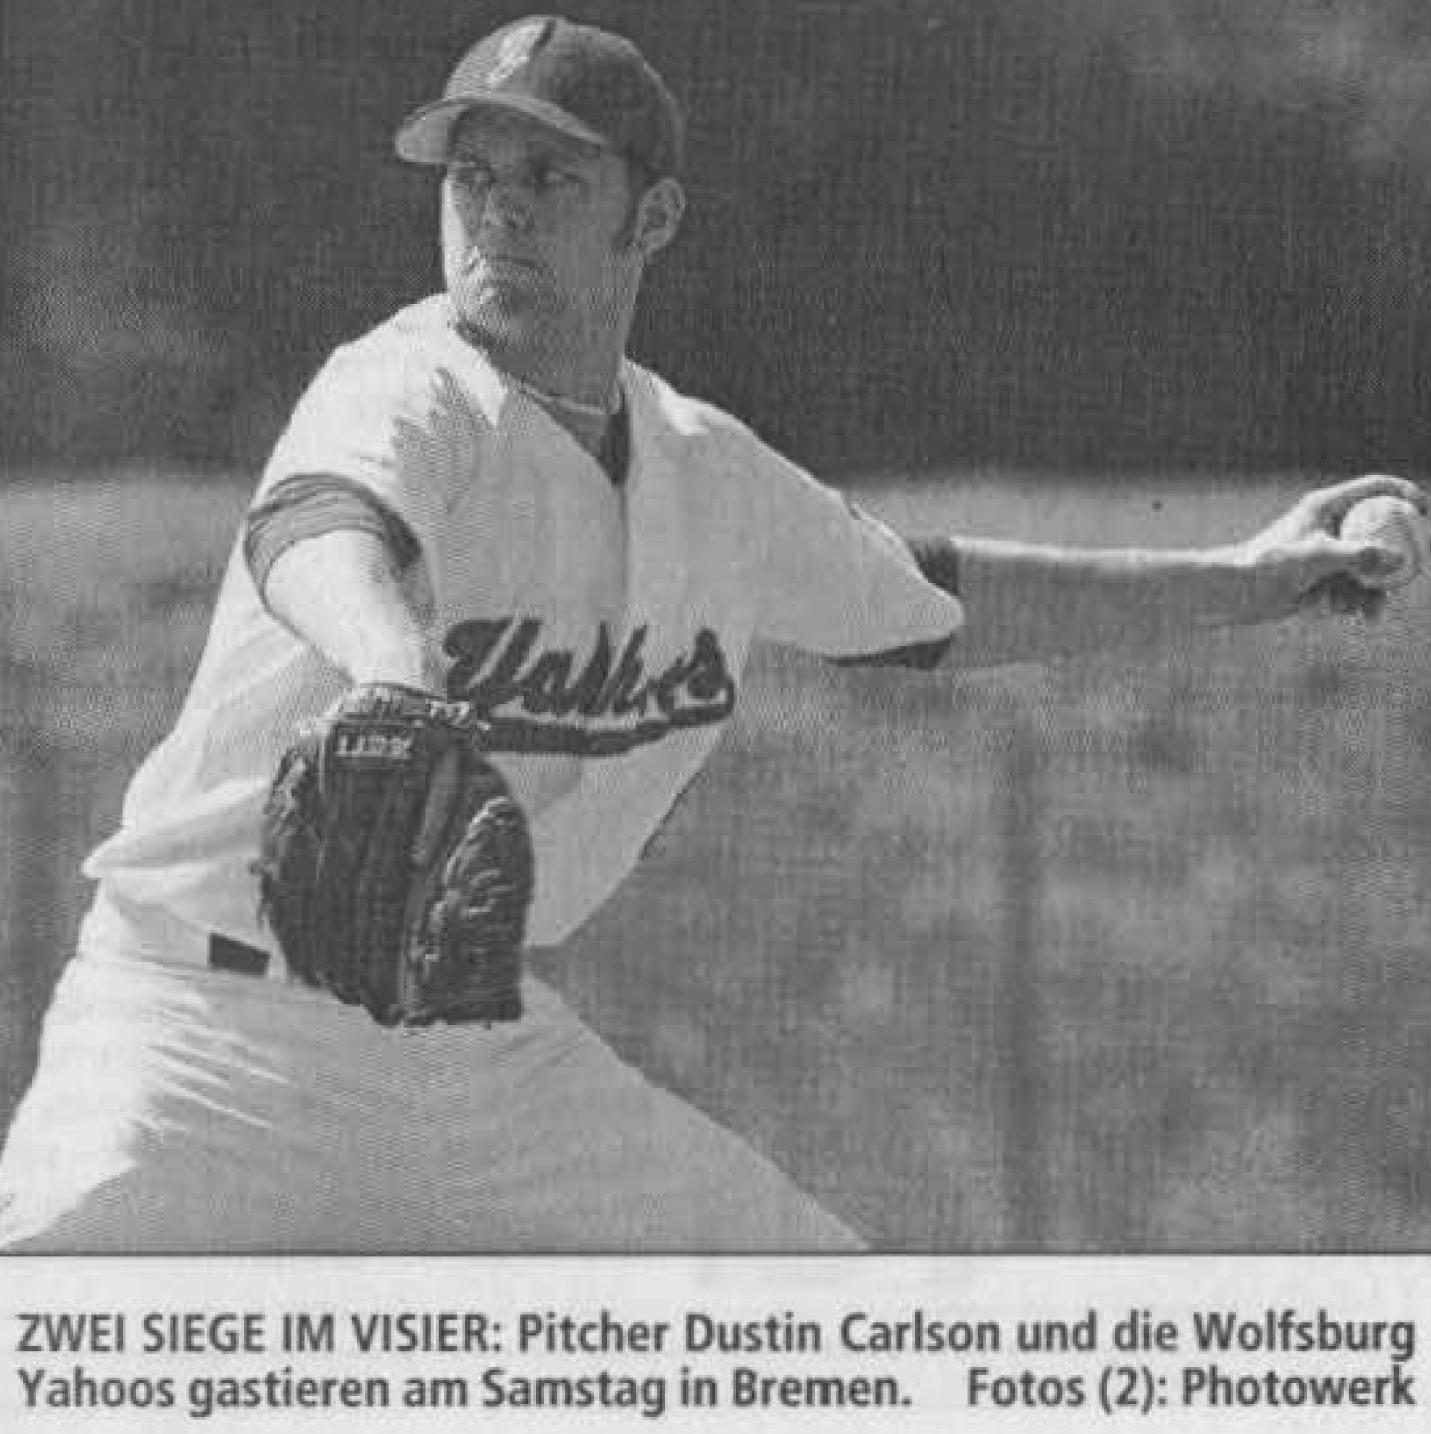 ZWEI SIEGE IM VISIER: Pitcher Dustin Carlson und die Wolfsburg Yahoos gastieren am Samstag in Bremen. Foto: Photowerk